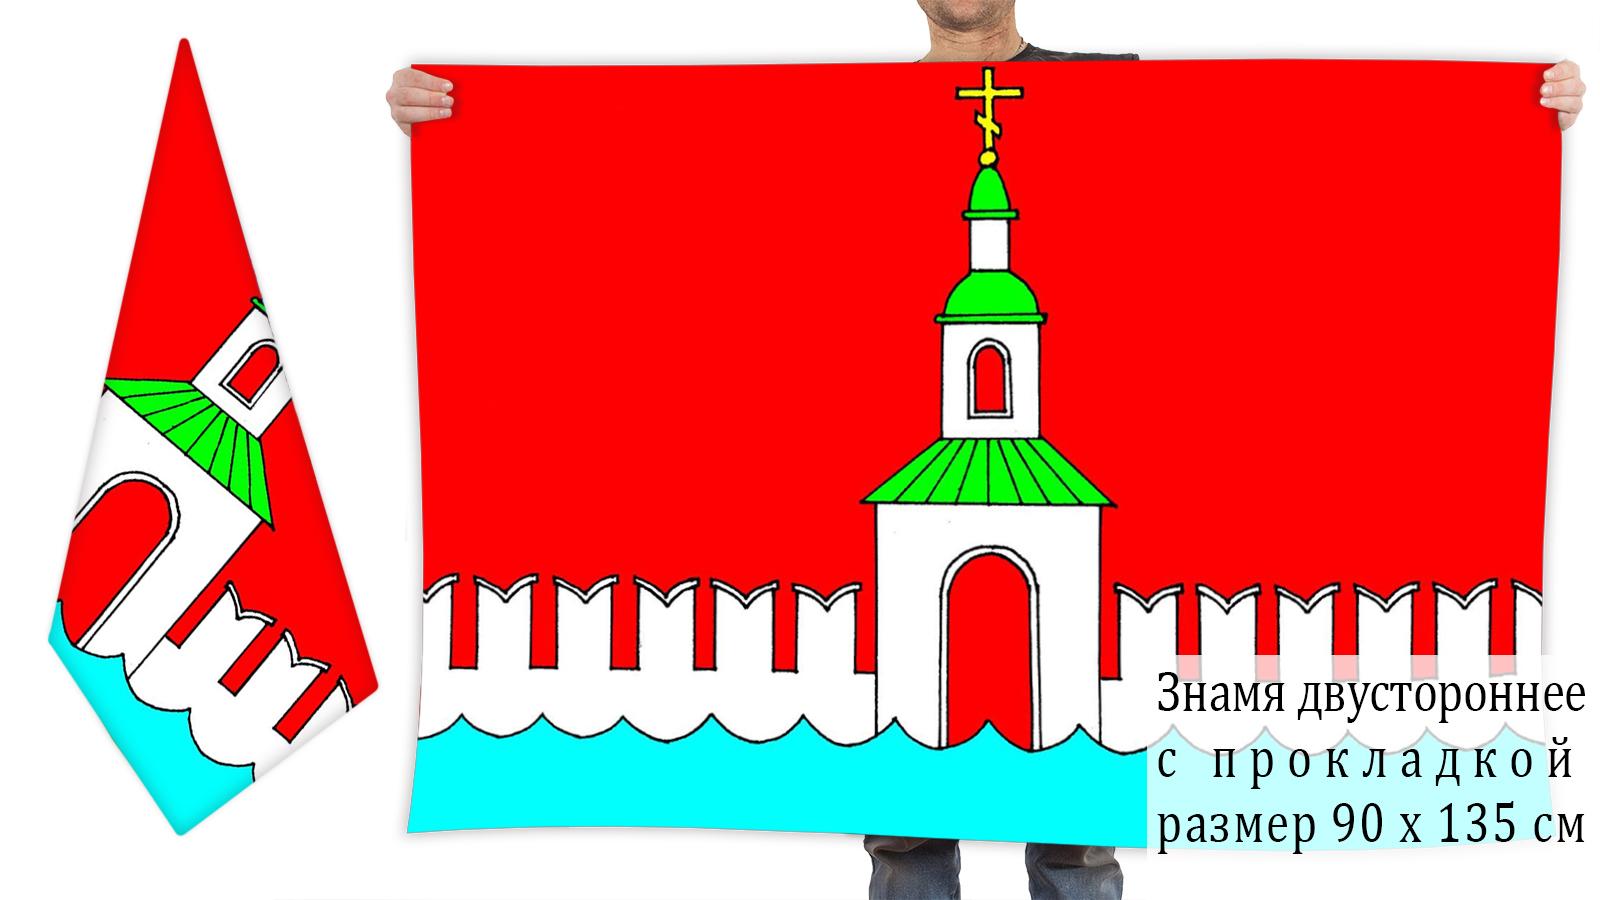 Двусторонний флаг Юрьевецкого района